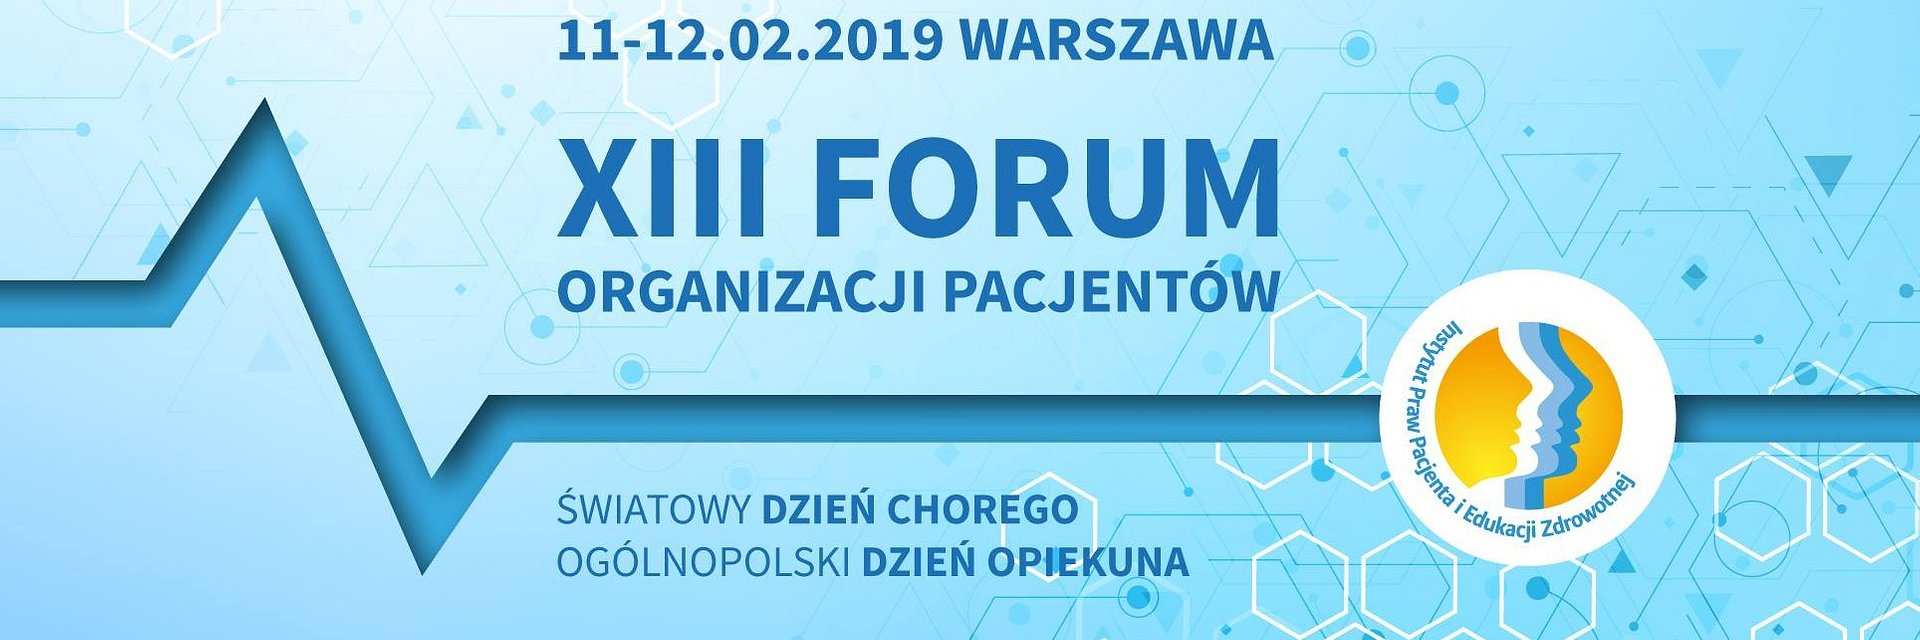 XIII Forum Organizacji Pacjentów